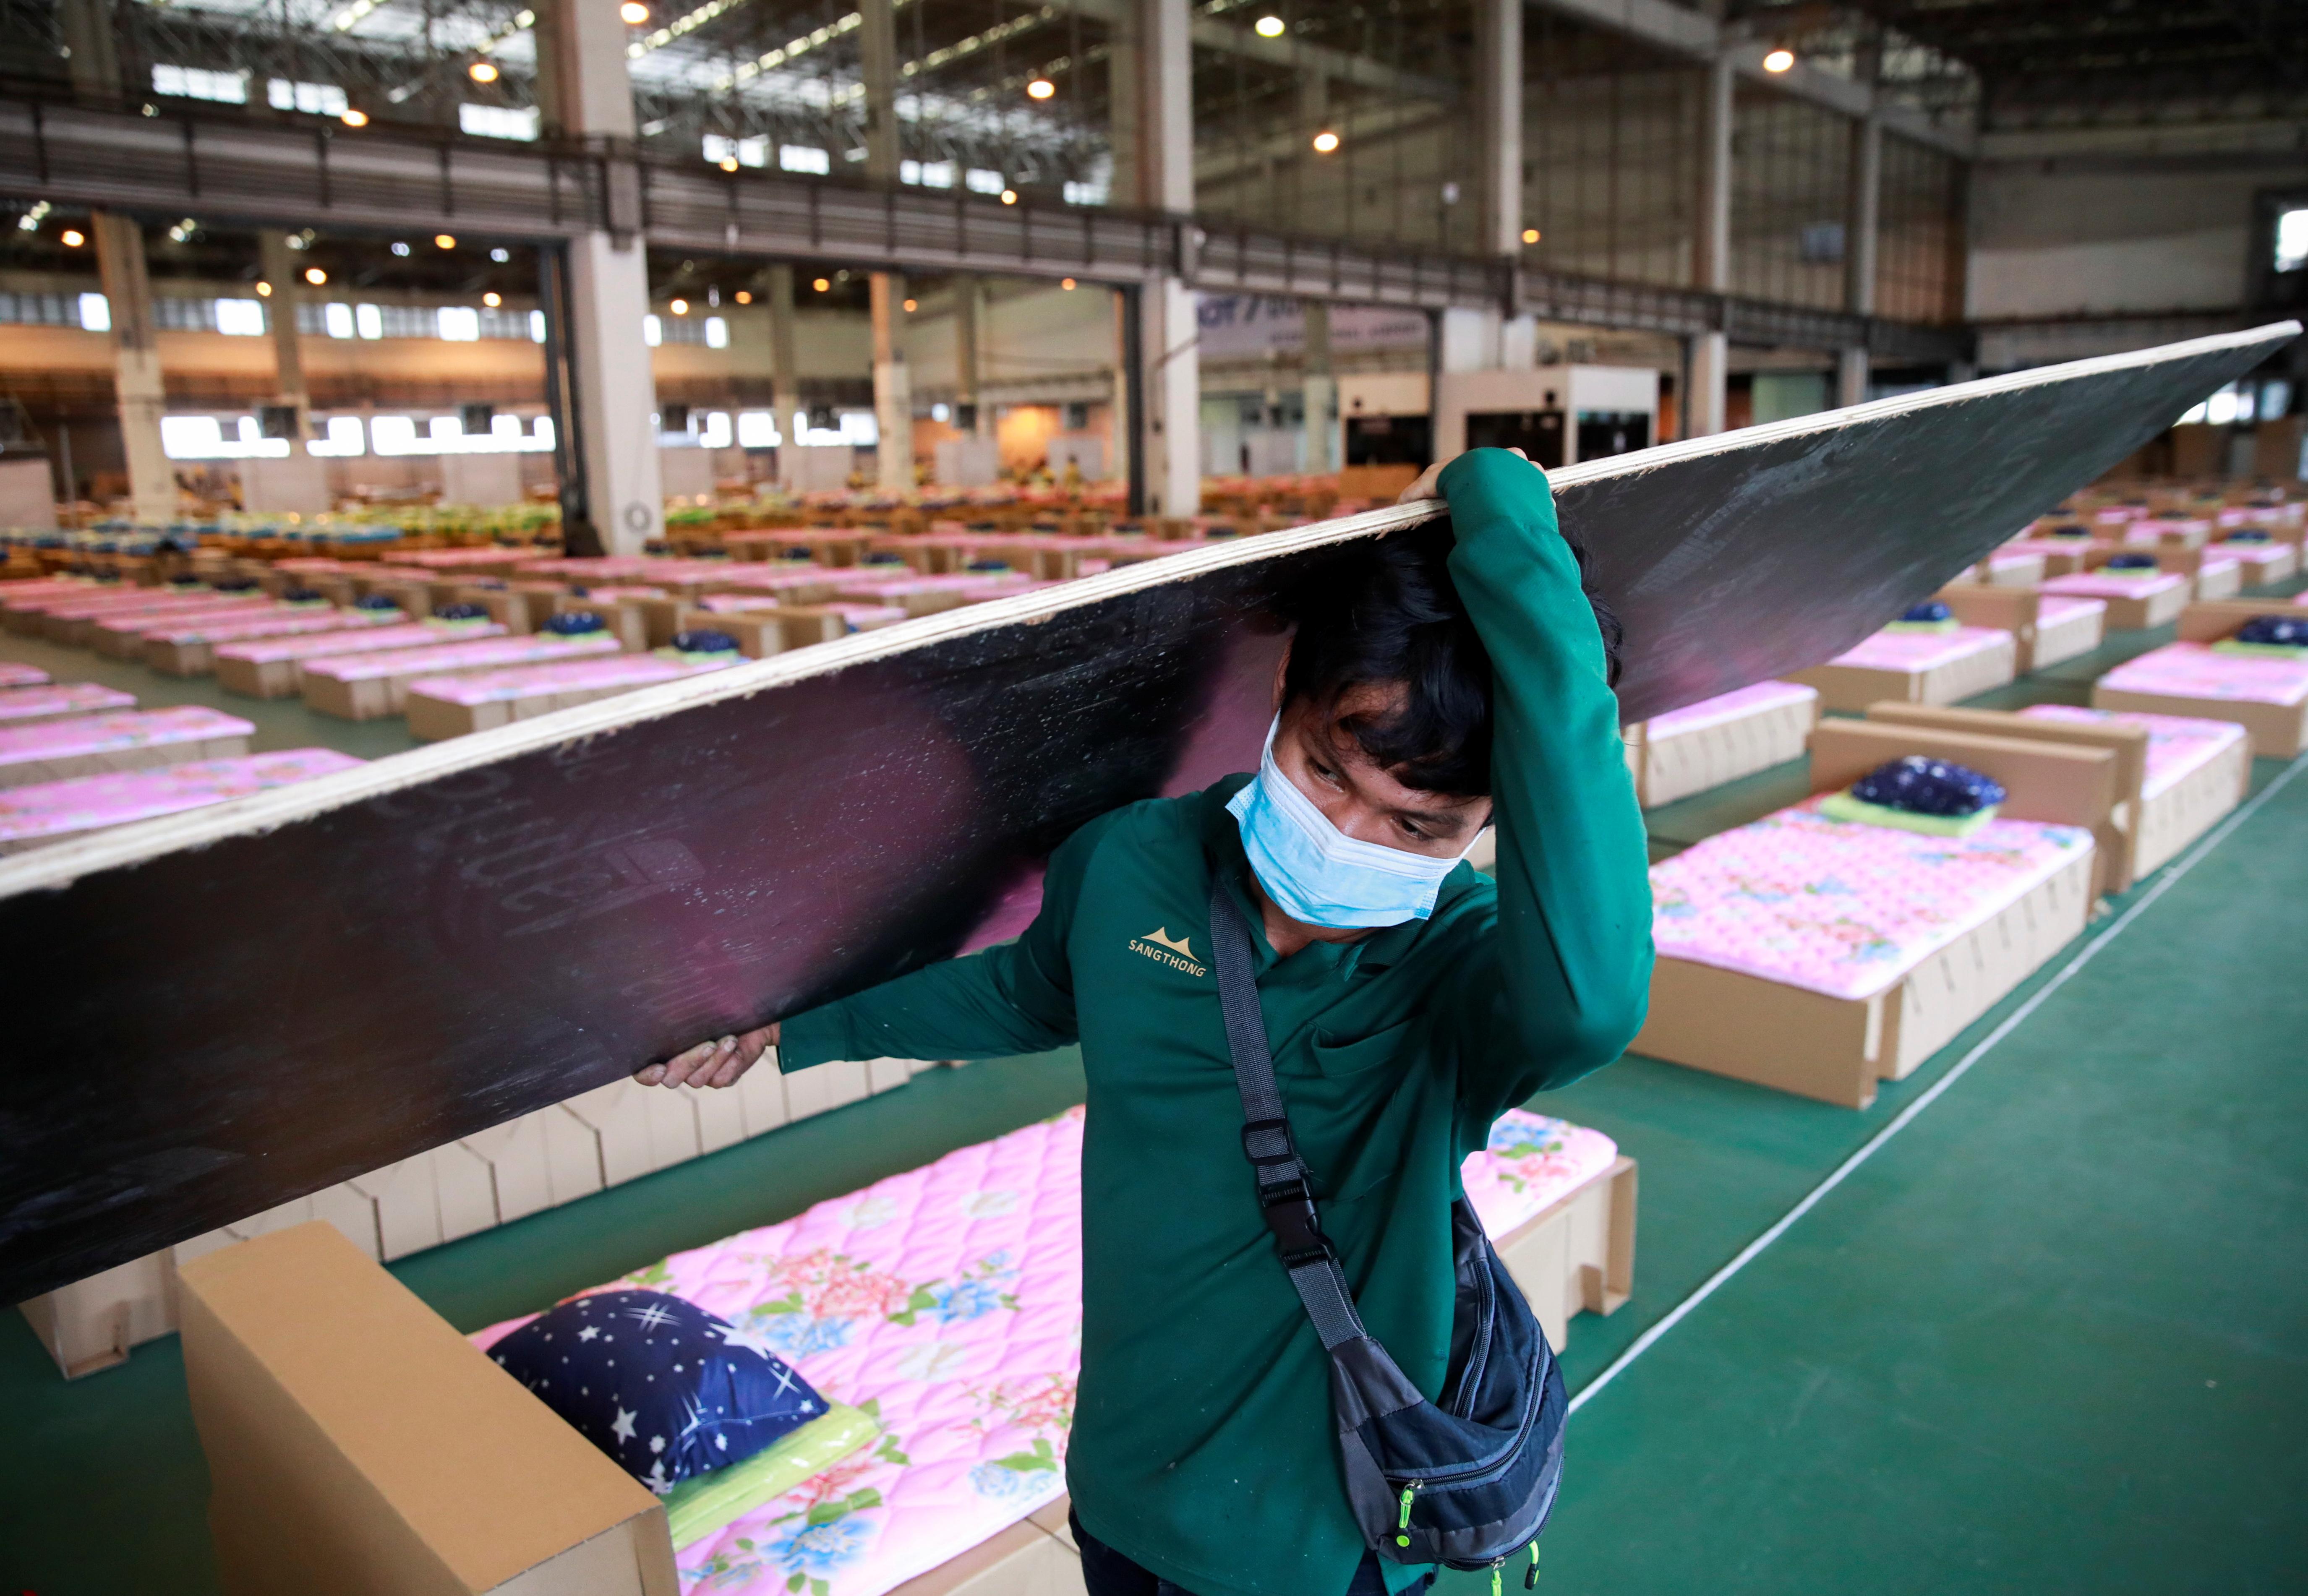 泰国疫情严峻,当局把廊曼国际机场一座航空货运仓库改造为方舱医院,能够容纳1800张床位,以收治日益增多的新冠患者。-路透社-